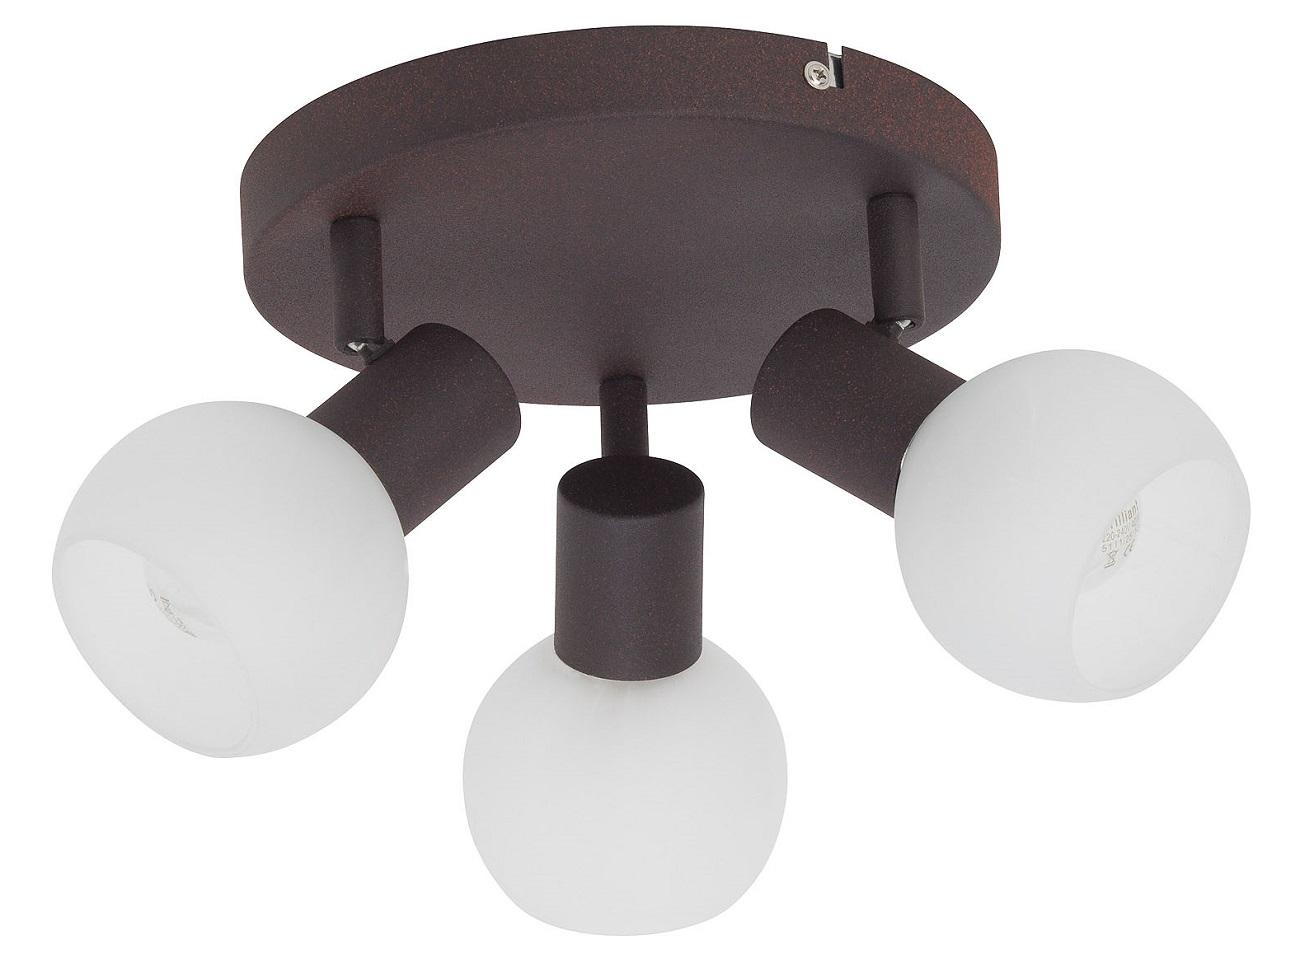 Plafondlamp Gobi 3xE14 max 40Watt in bruin met wit